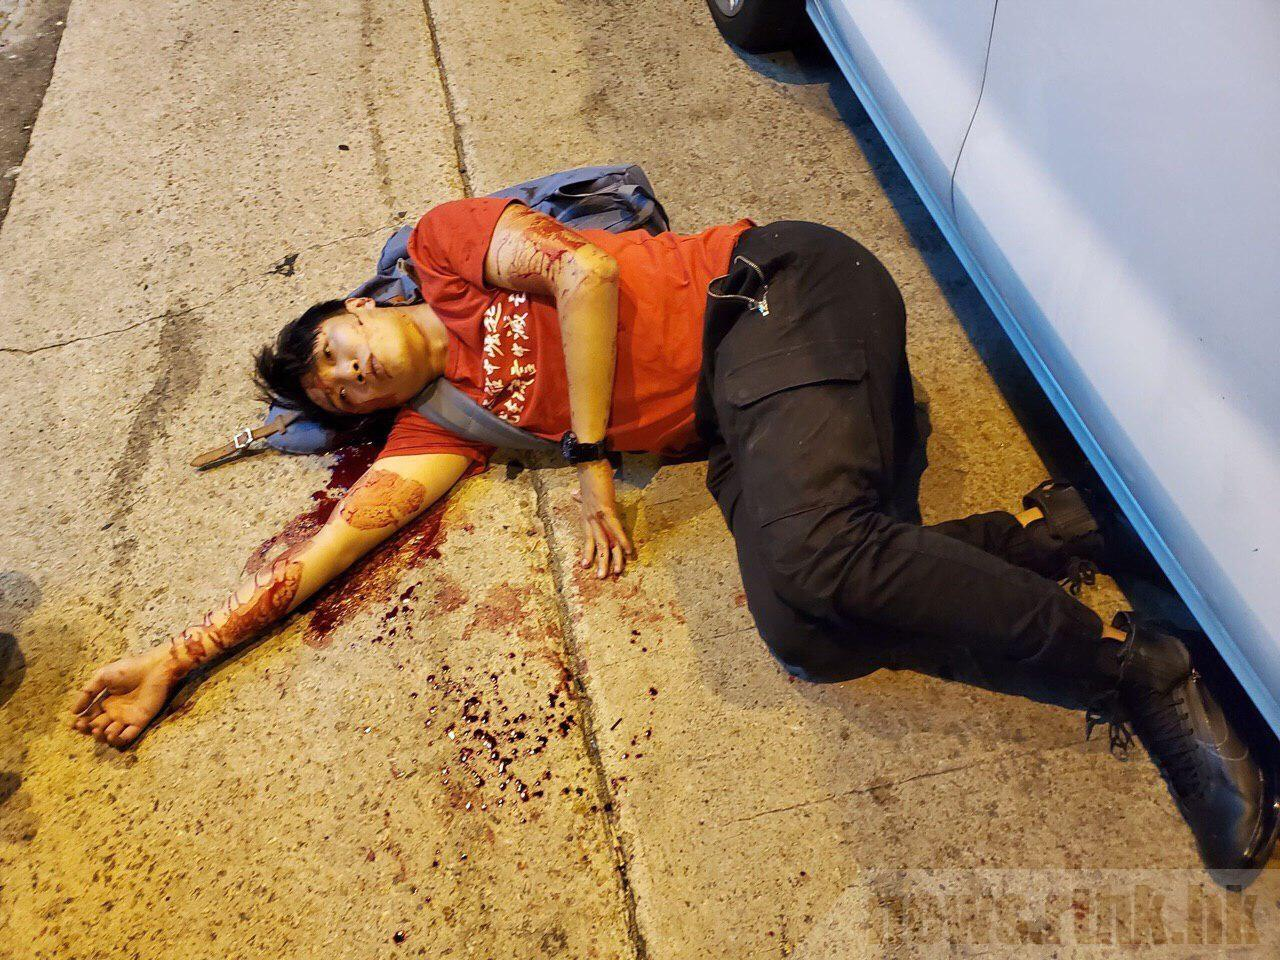 岑子杰遇襲後倒在血泊中,後腦仍在不斷流血。(網絡圖片)